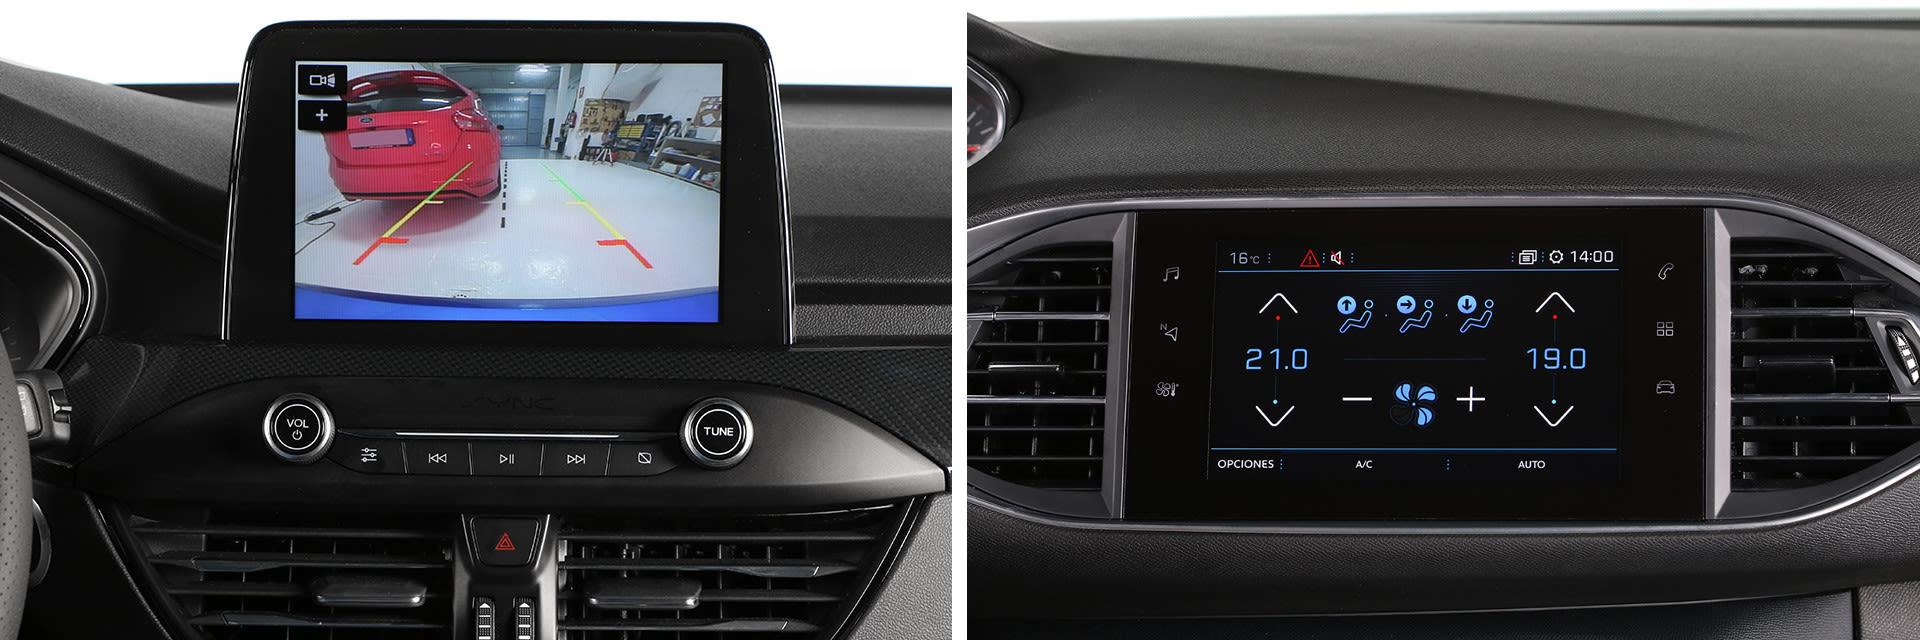 La pantalla del Ford Focus (izq.) tiene un tamaño de 8 pulgadas y la del 308 (dcha.) es de 9,7.